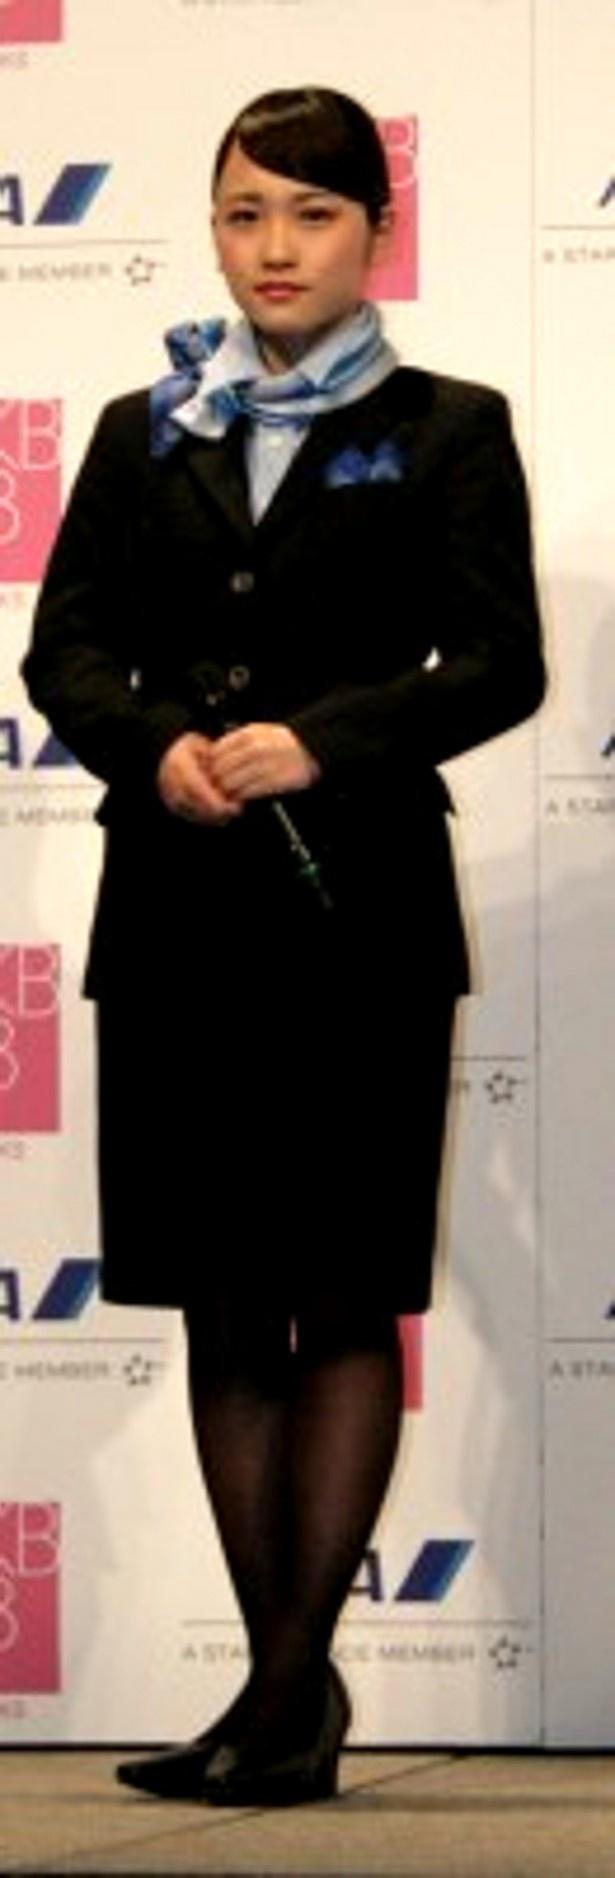 キャビンアテンダント制服を着て身が引き締まった表情を見せる川栄李奈